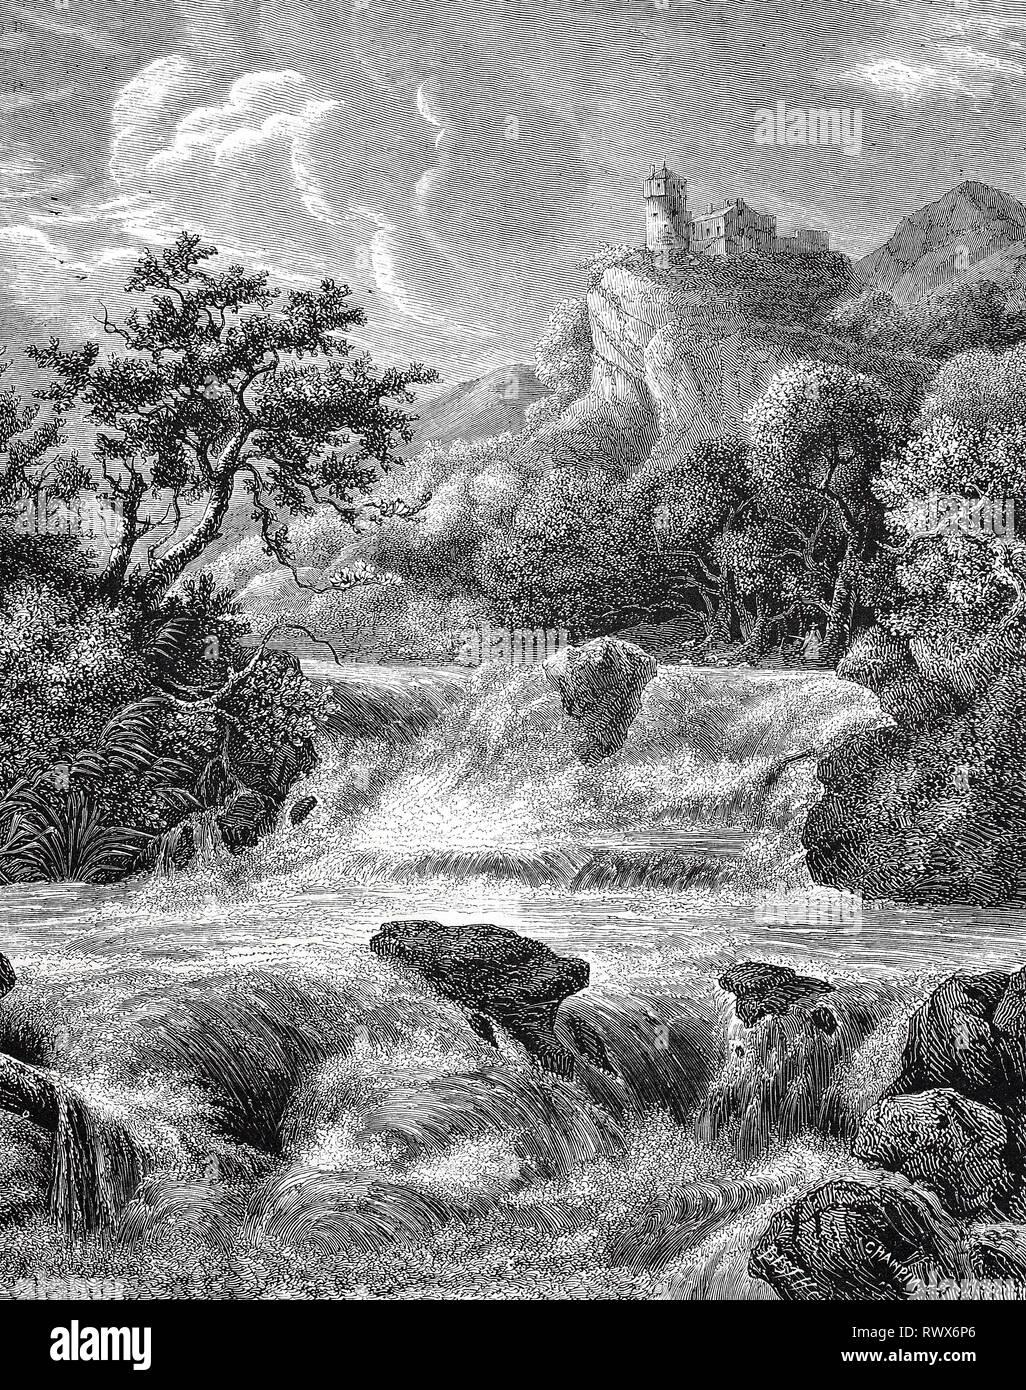 Flußlandschaft mit Burg nach einem Gemälde von Salomon van Ruysdael, geboren 1600, gestorben 1670, ein holländischer Maler  /  River landscape with castle after a painting by Salomon van Ruisdael, born 1600, died 1670, a Dutch painter Stock Photo